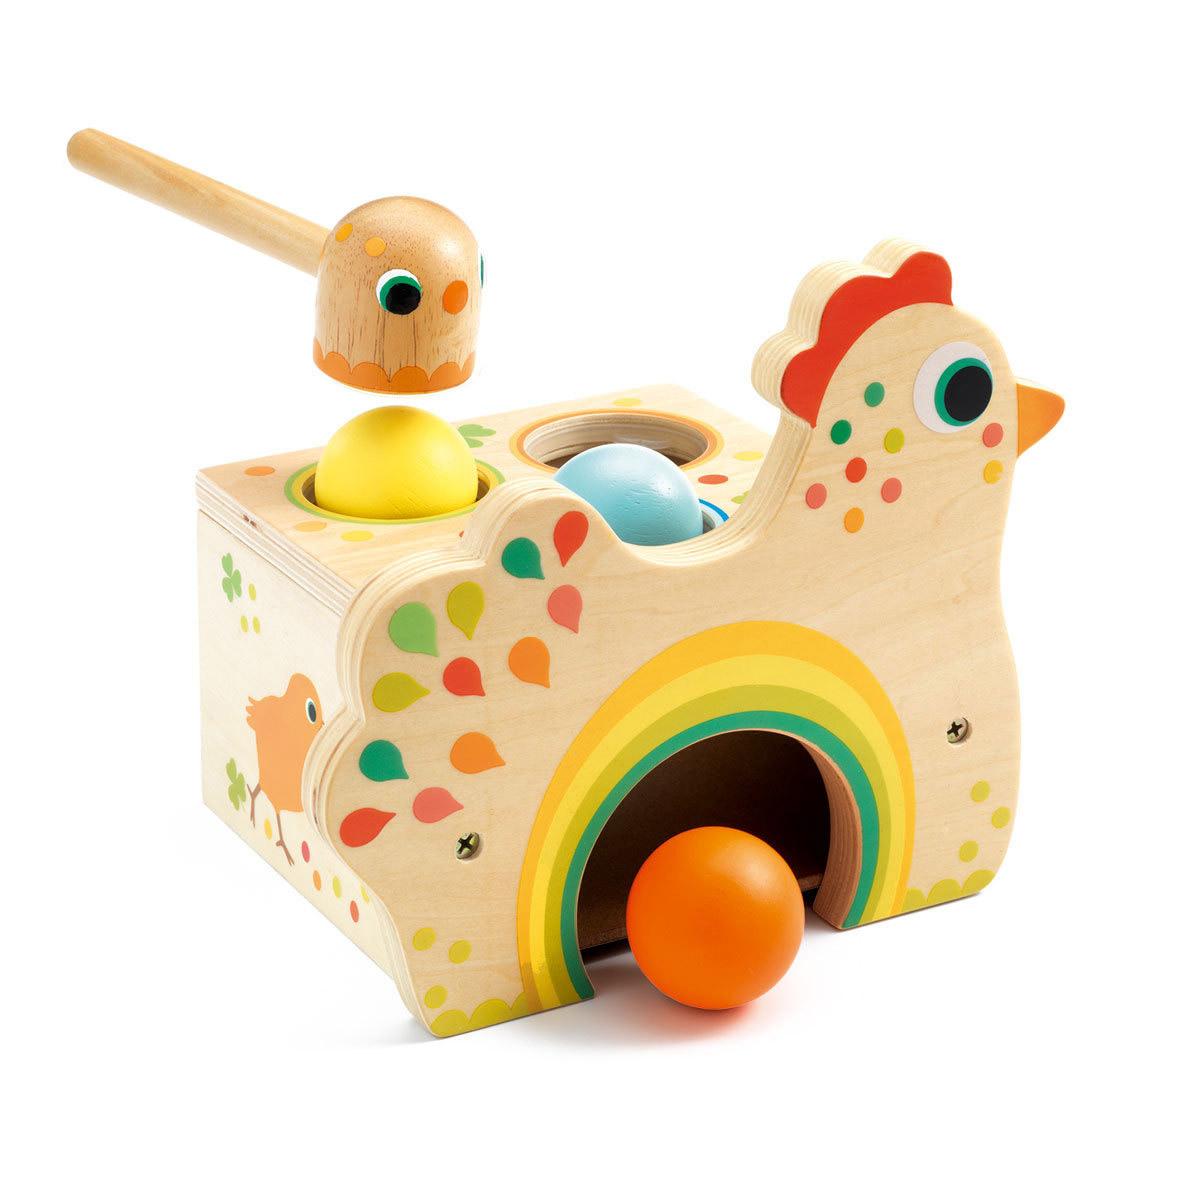 Mes premiers jouets Jouet d'Eveil - Tapatou Jouet d'Eveil - Tapatou